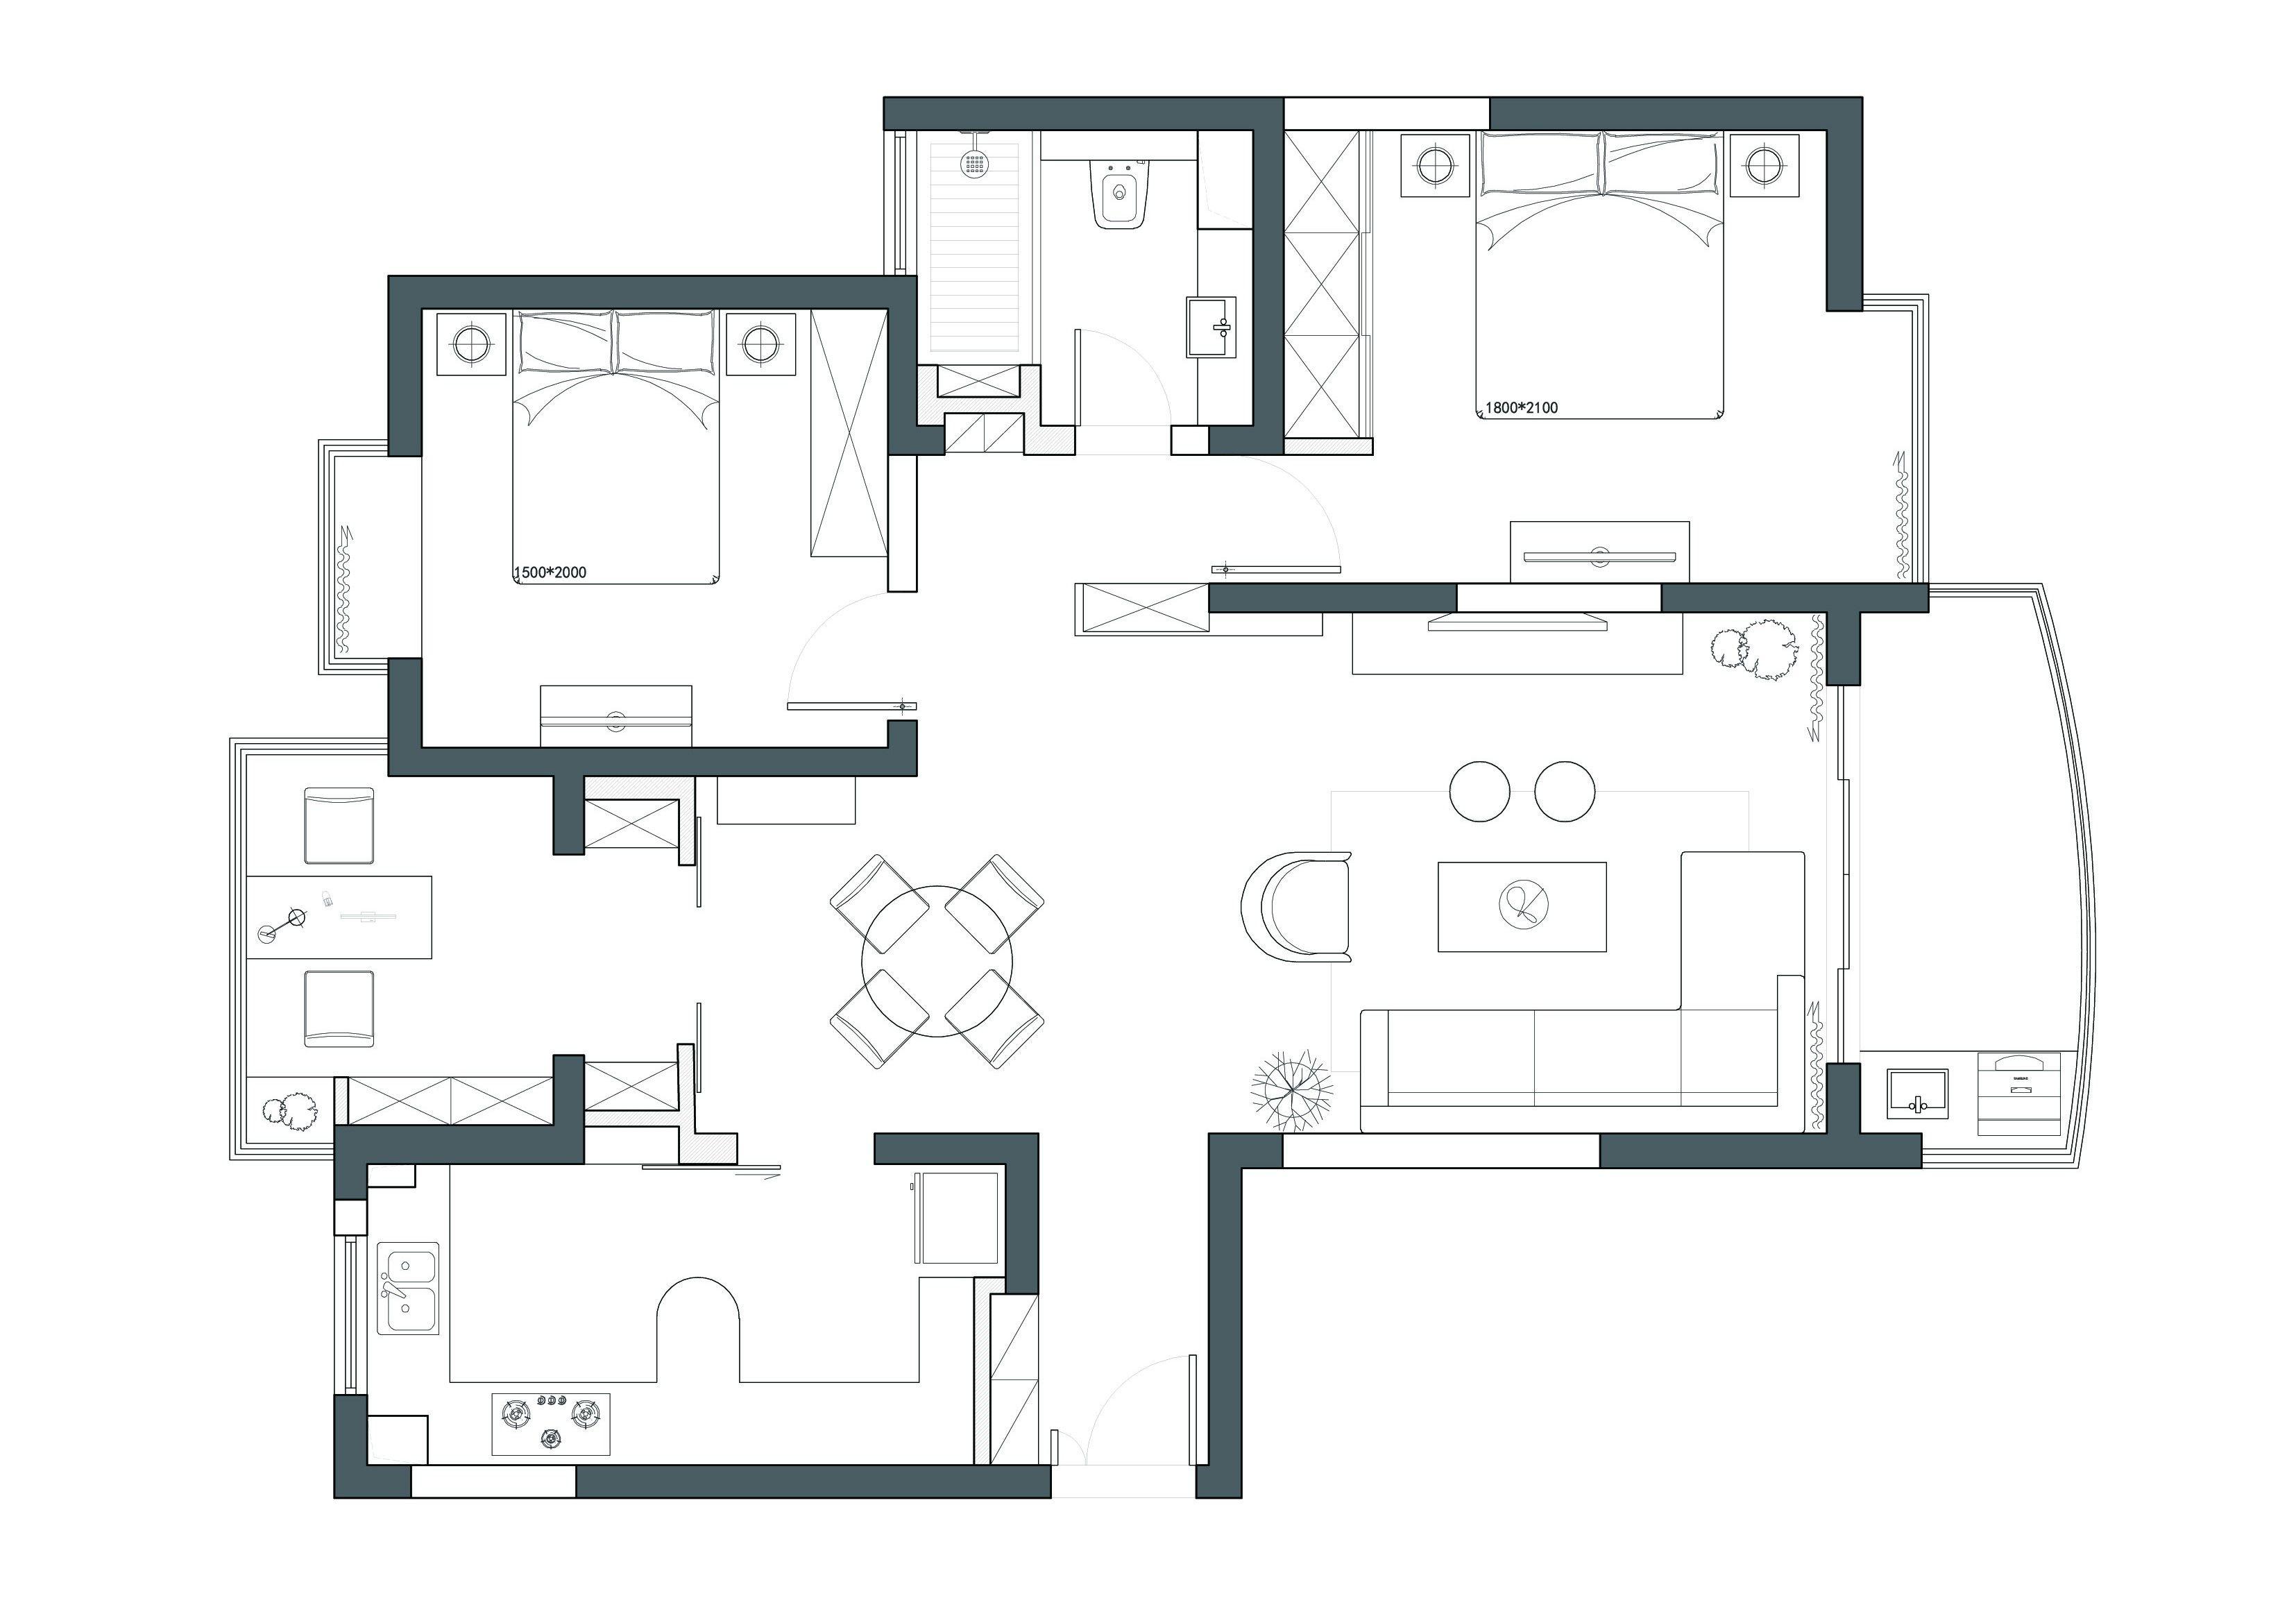 顾锋526次公寓设计 净·境  ;  如若说爱情里有一见钟情的火花